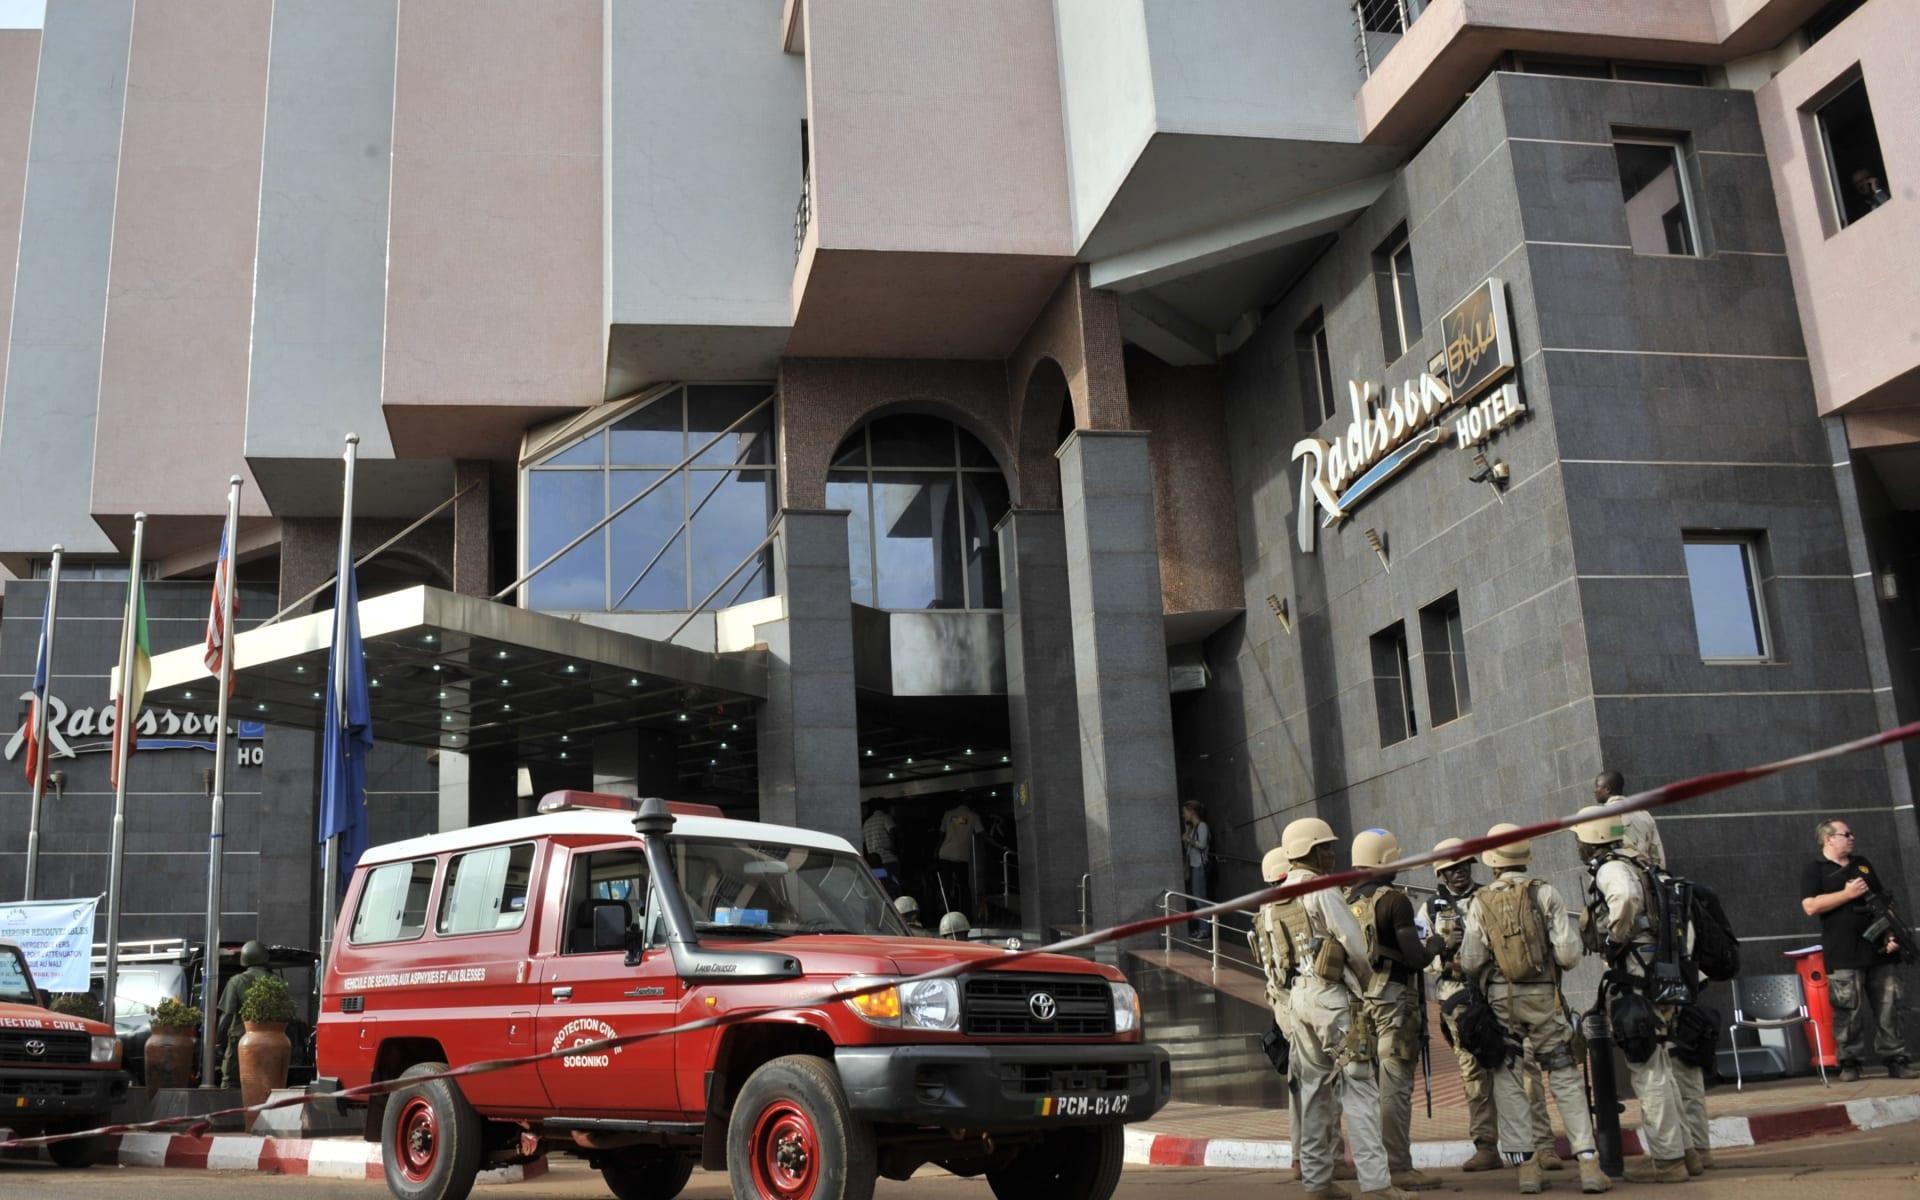 لماذا يهاجم الإرهابيون الفنادق؟